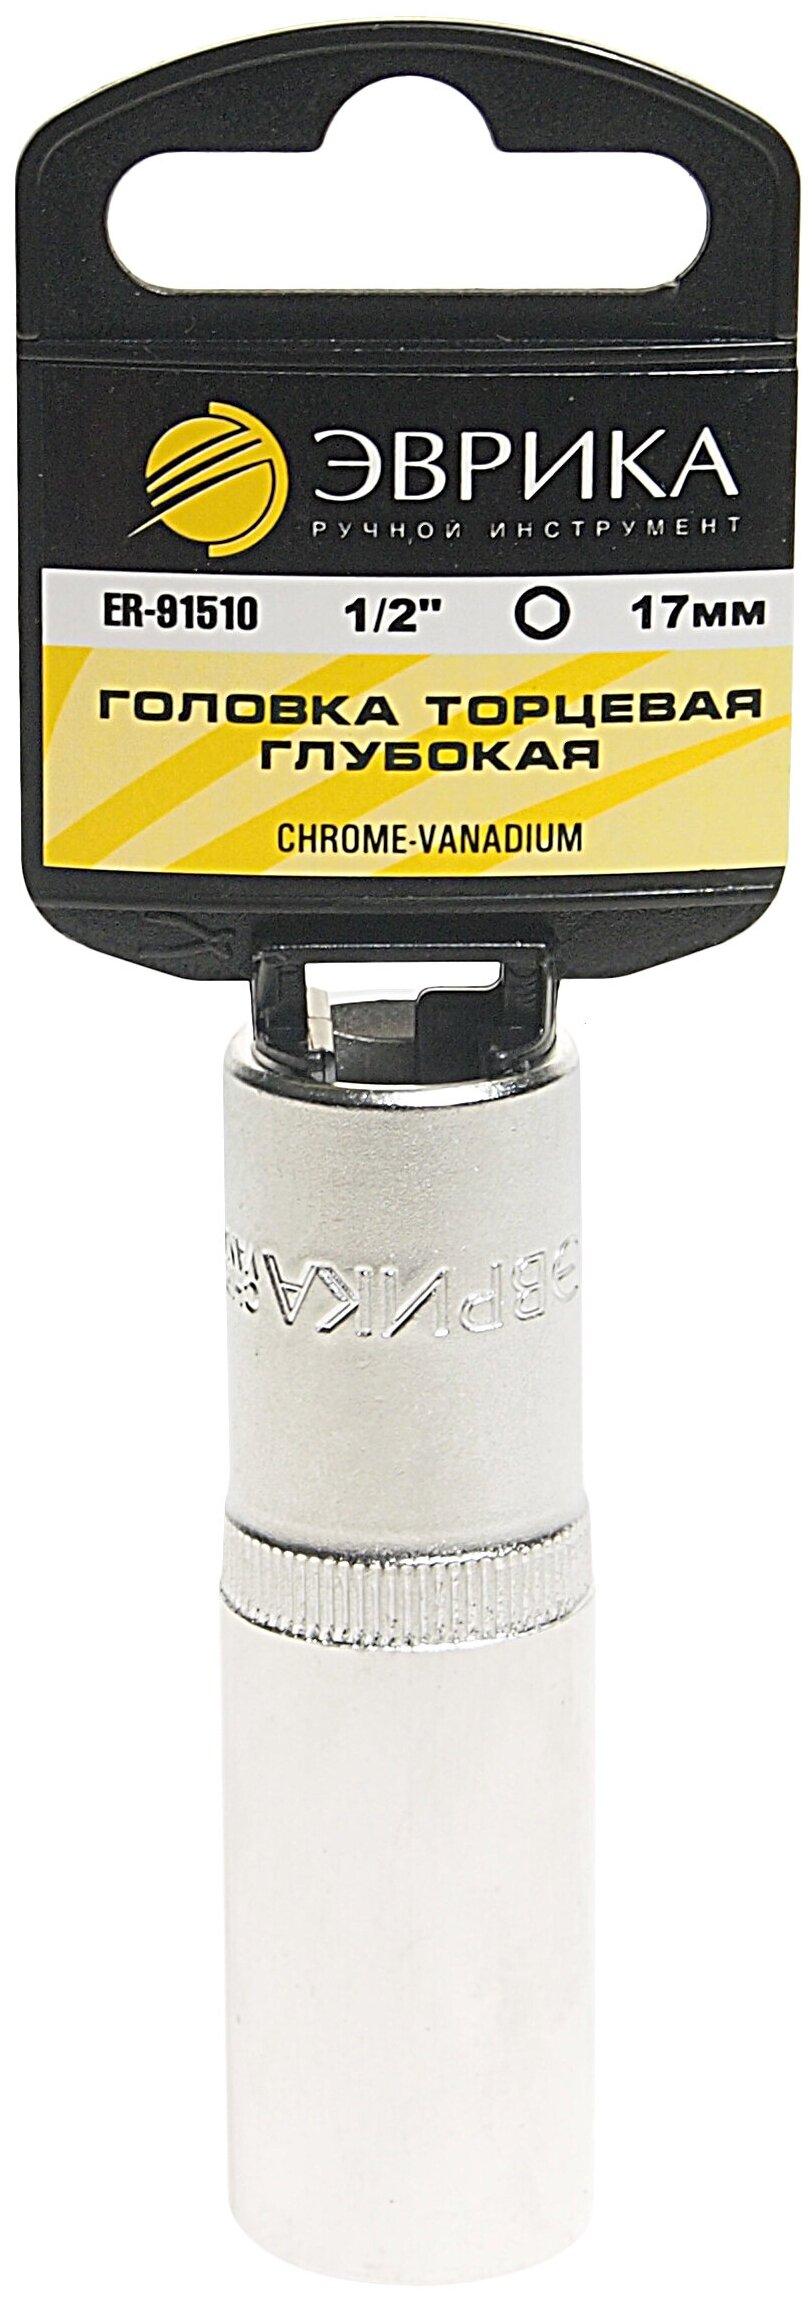 Торцевая головка глубокая Эврика ER-91510H — купить по выгодной цене на Яндекс.Маркете